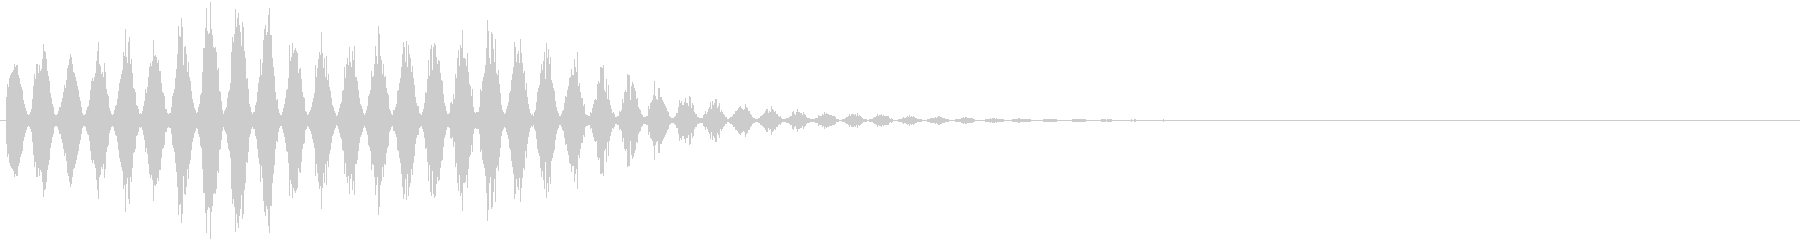 魔法音11(風系)の未再生の波形